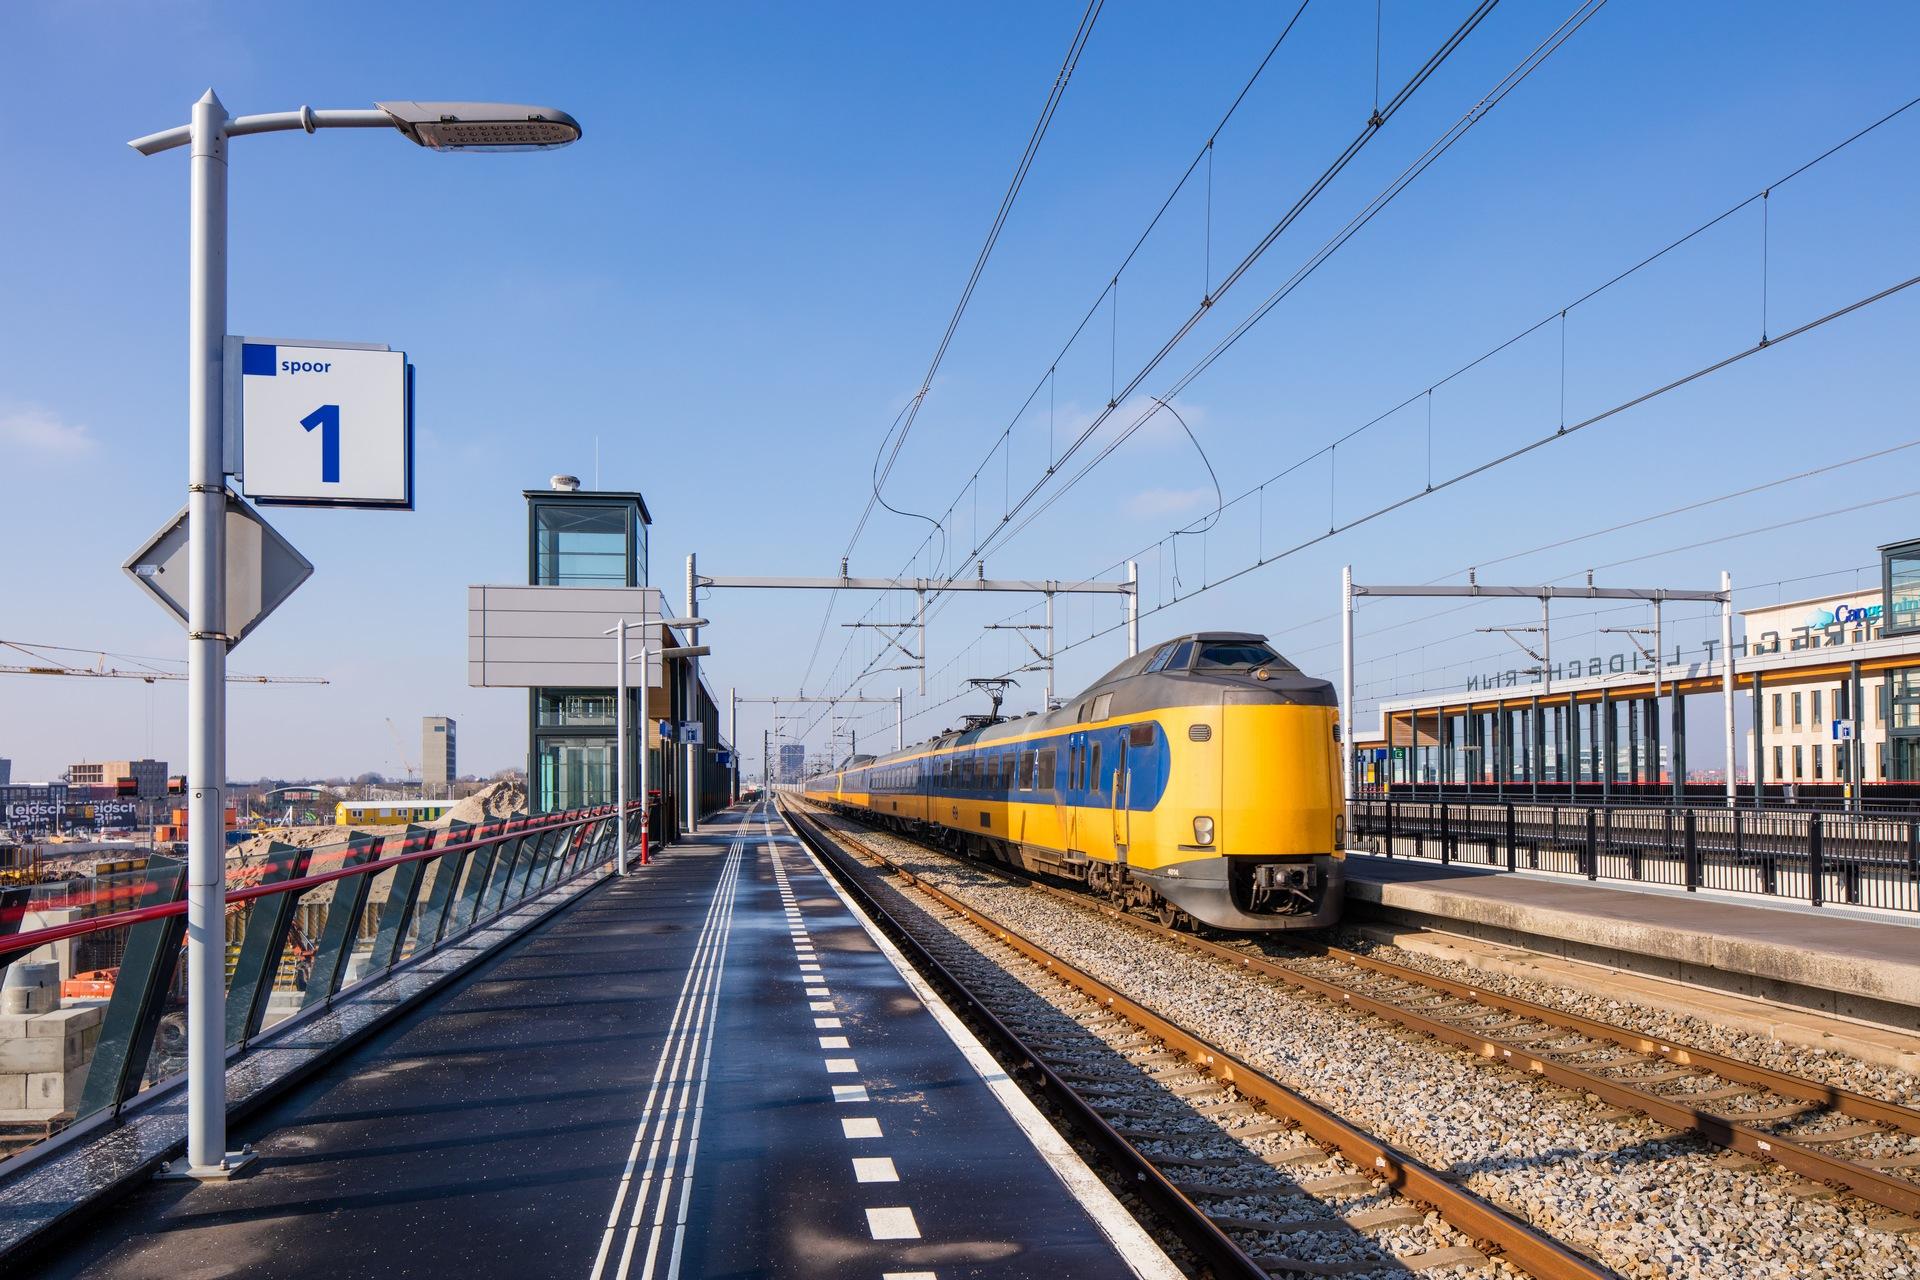 Overzicht NS acties: €13,99 of €16 of €20 (+broodje/sapje) of enkele reis €12